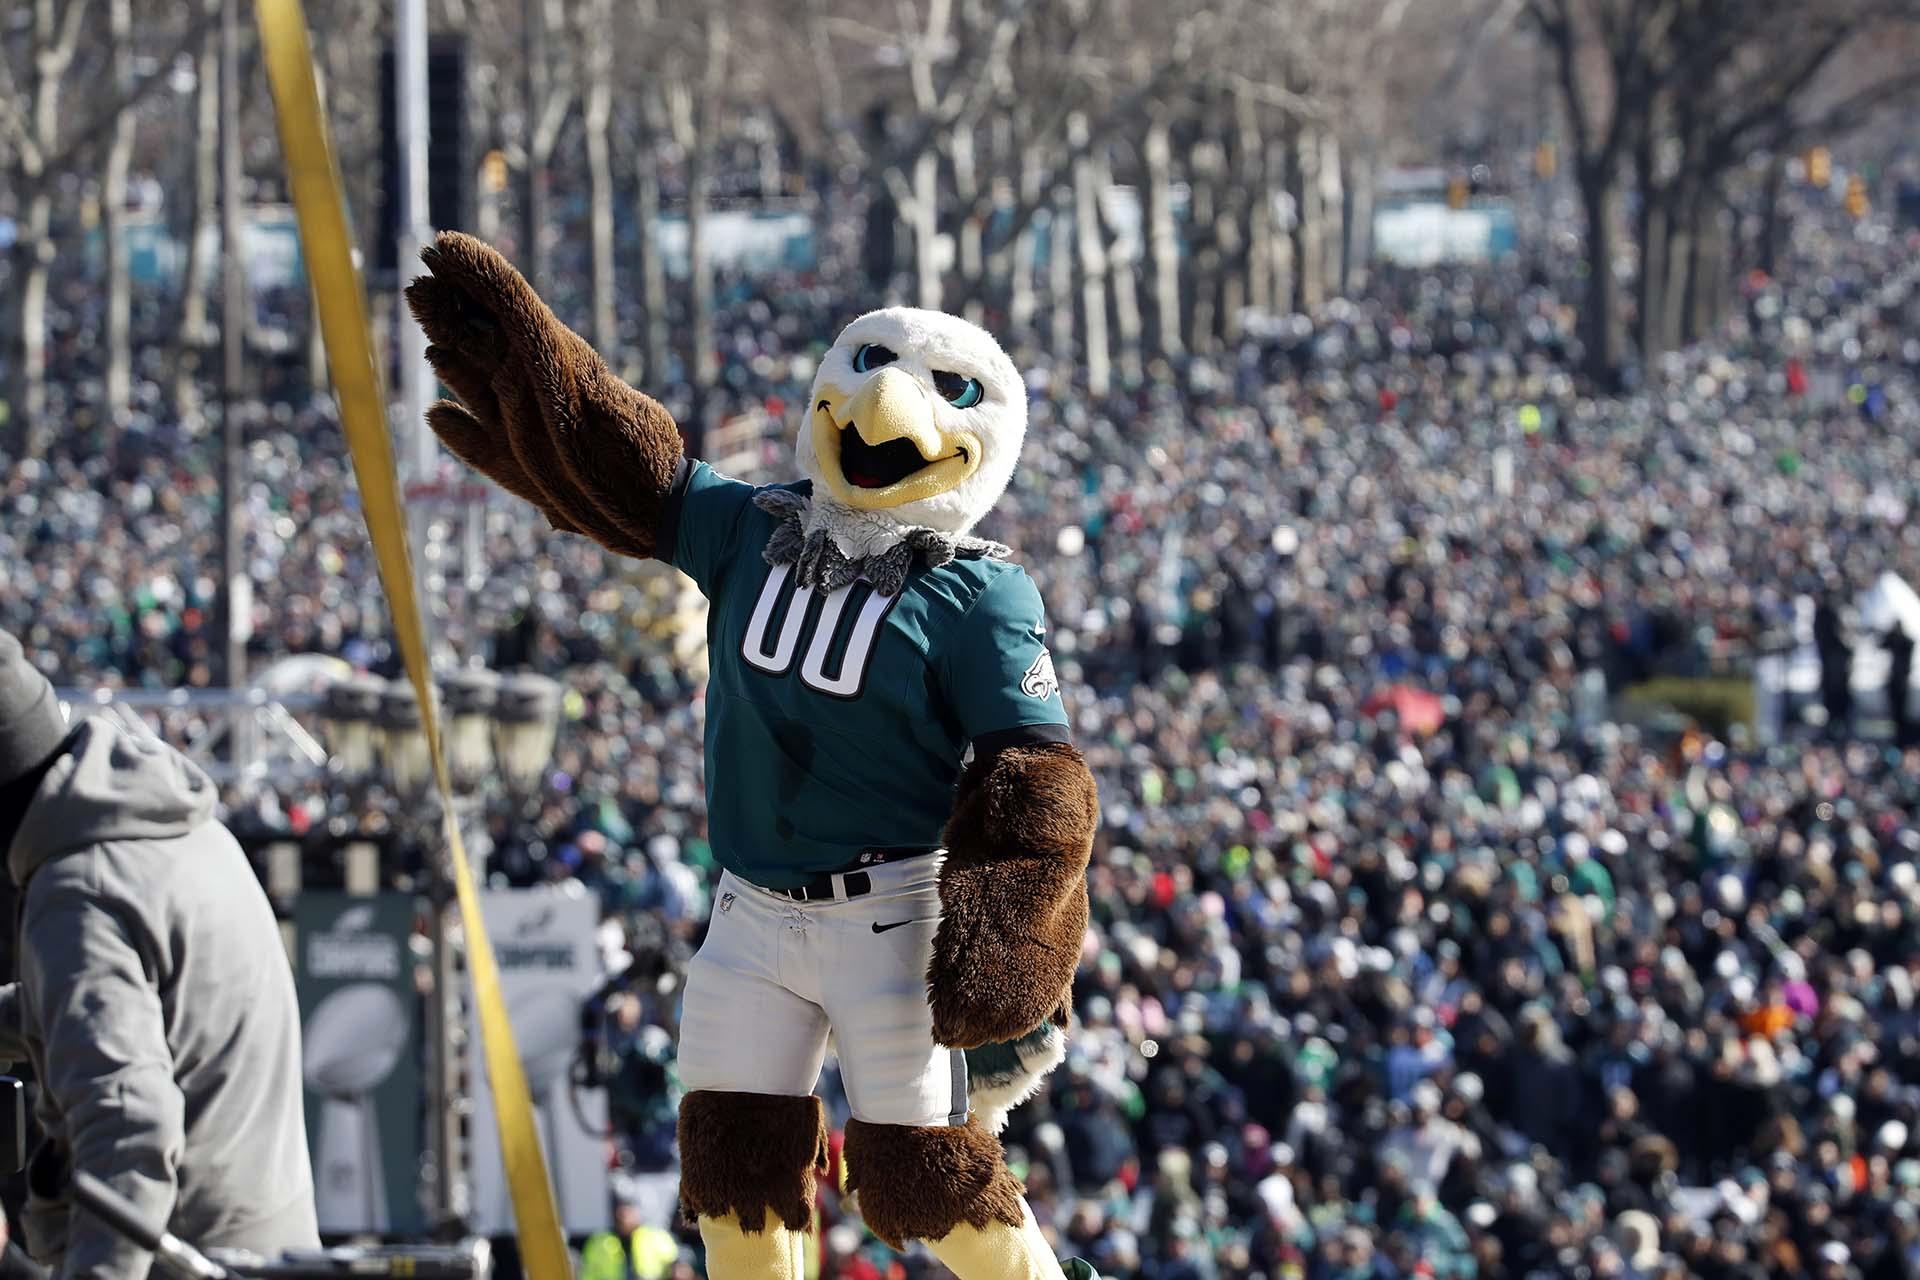 Los aficionados presentes en el desfile también pudieron disfrutar de un momento especial cuando el entrenador en jefe de los Eagles, Doug Pederson, que hizo su debut en el Super Bowl y superó al legendario Bill Belichick, de los Patriots, decidió bajarse del autobús para generar otra sorpresa